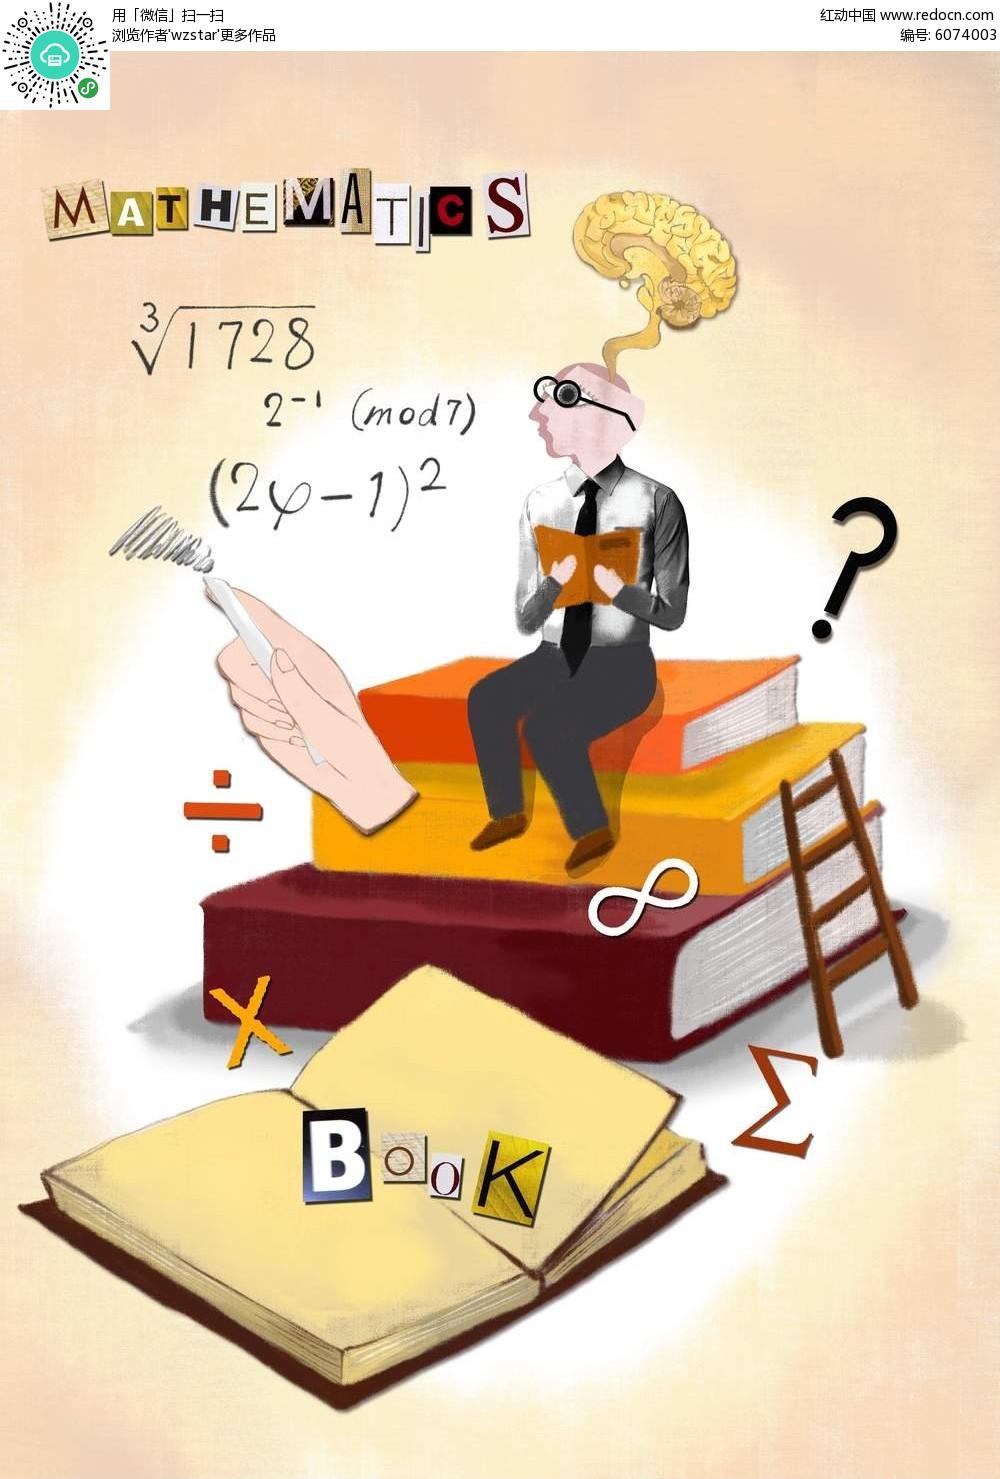 数学研究卡通海报背景素材